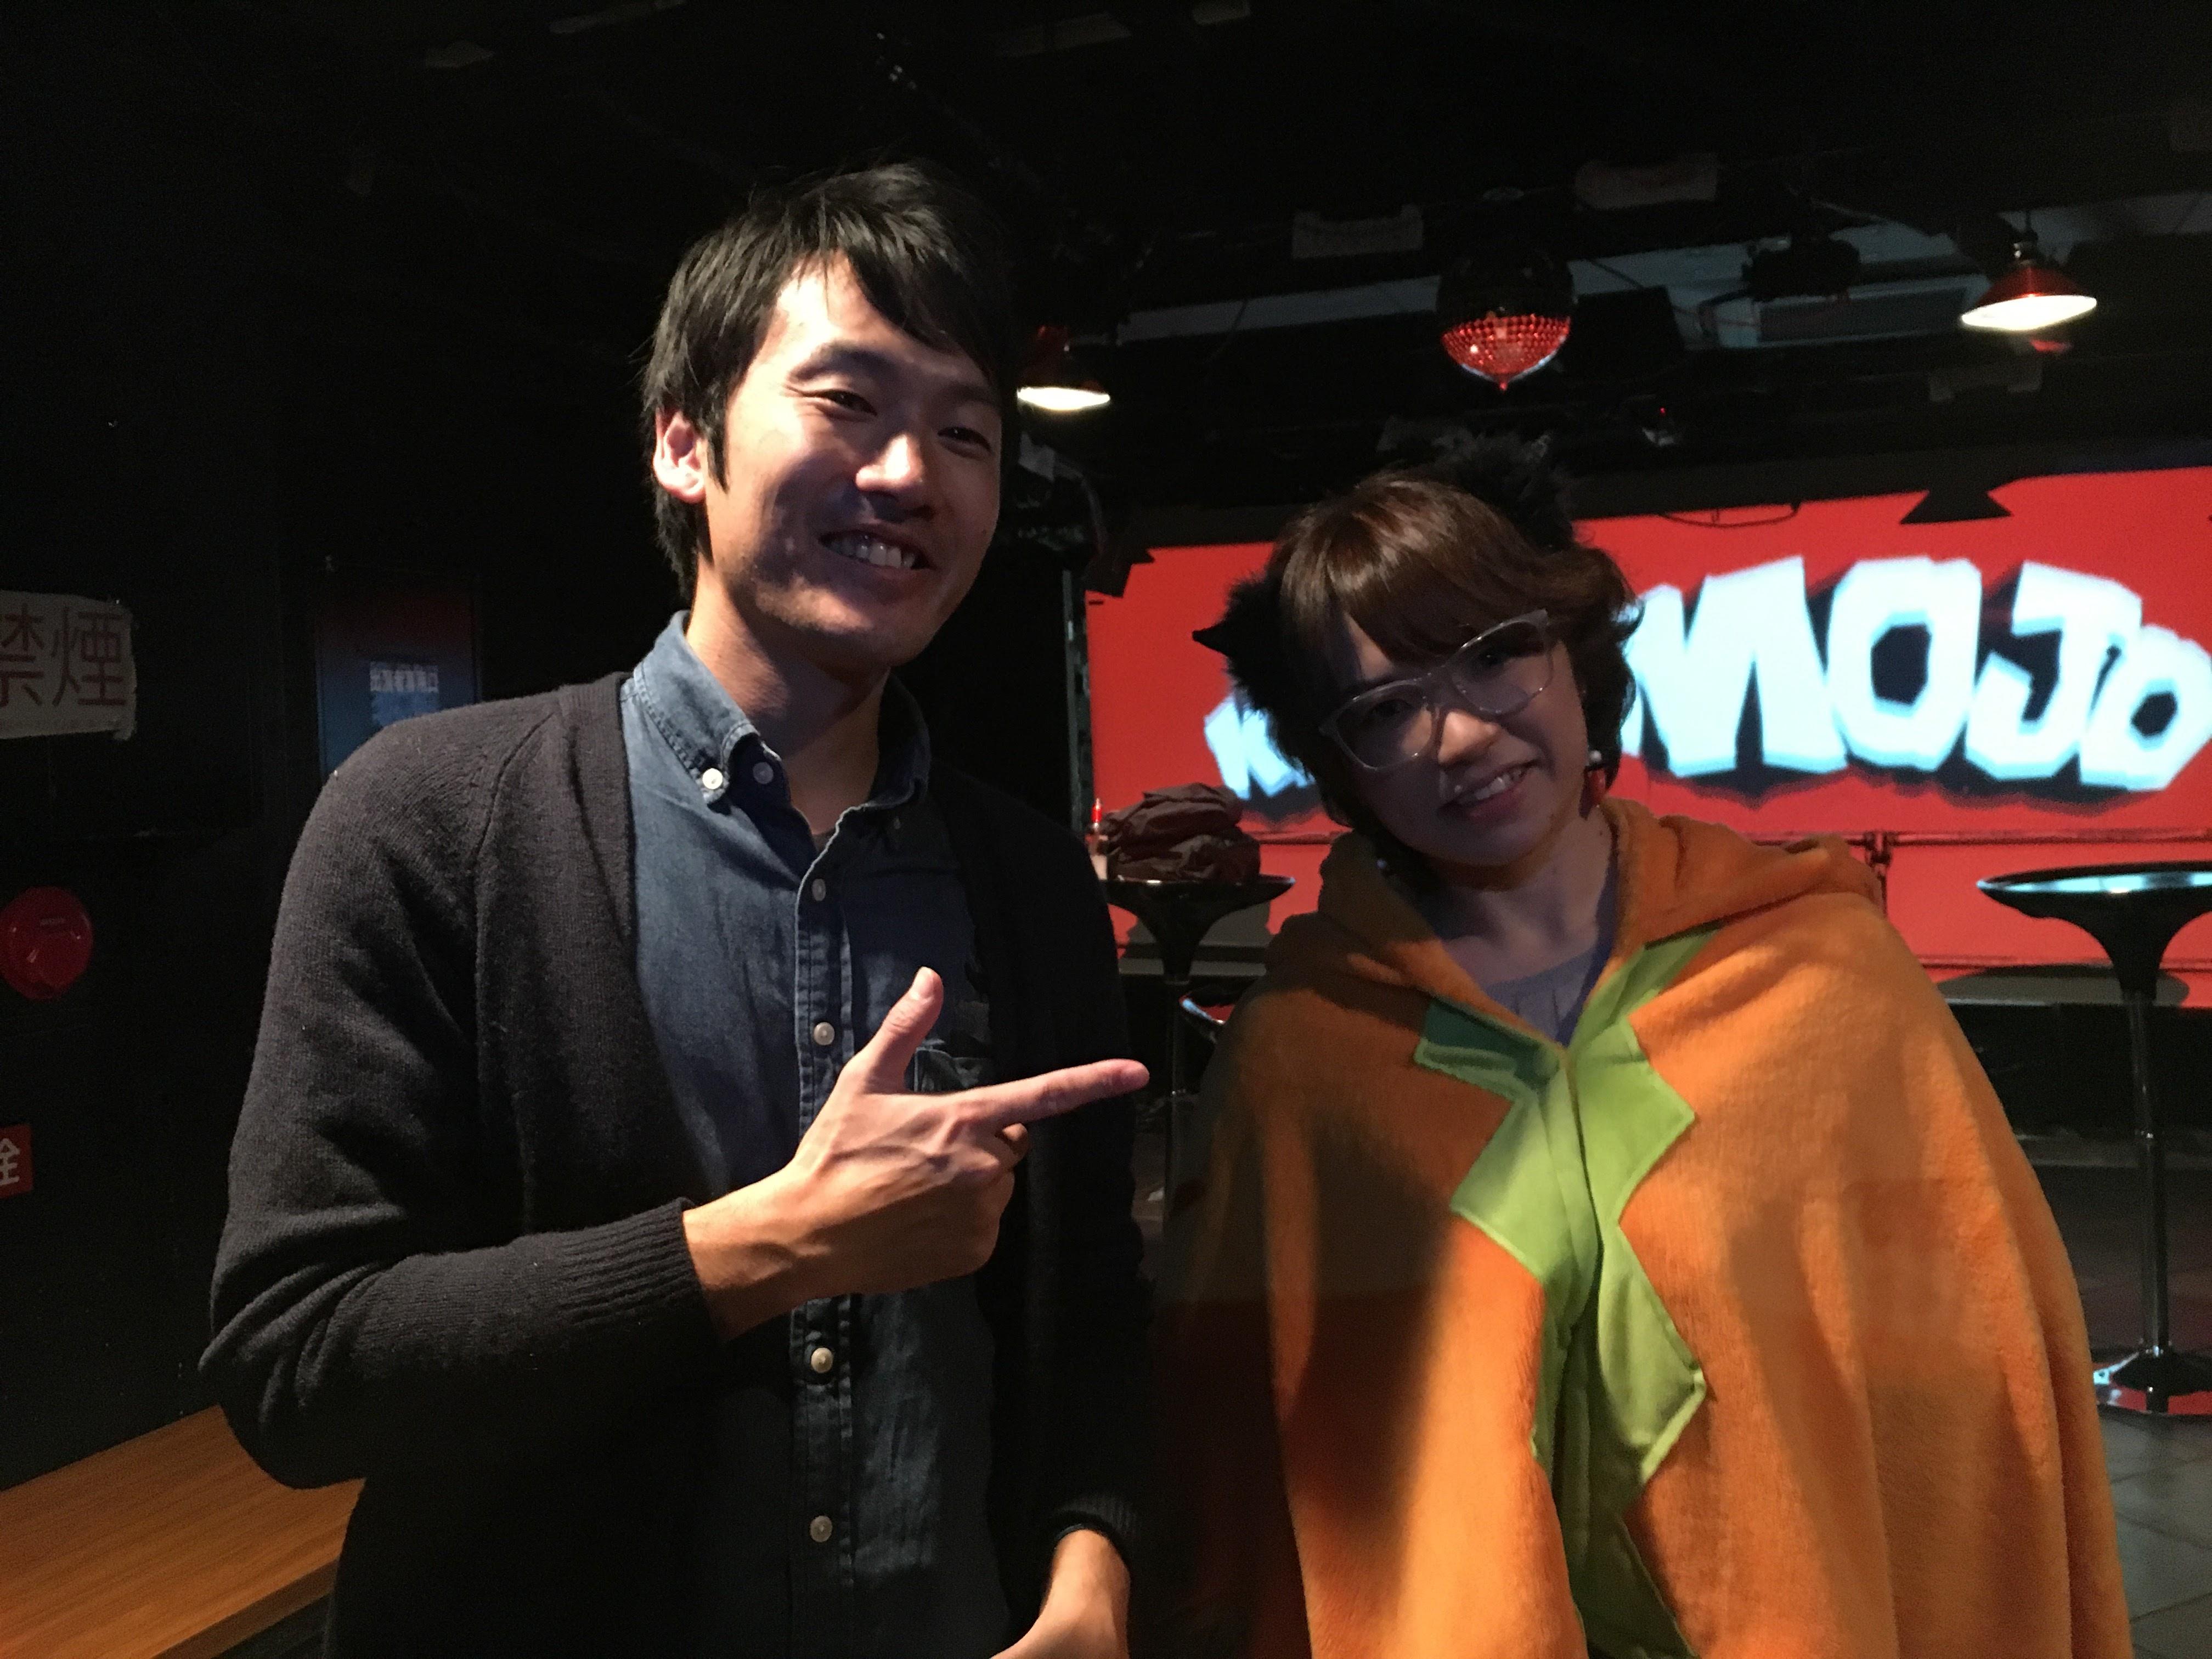 りさえもんが働いている楽器店でも講師をされてる、ドラムの藤井先生。応援しにきて下さいました。